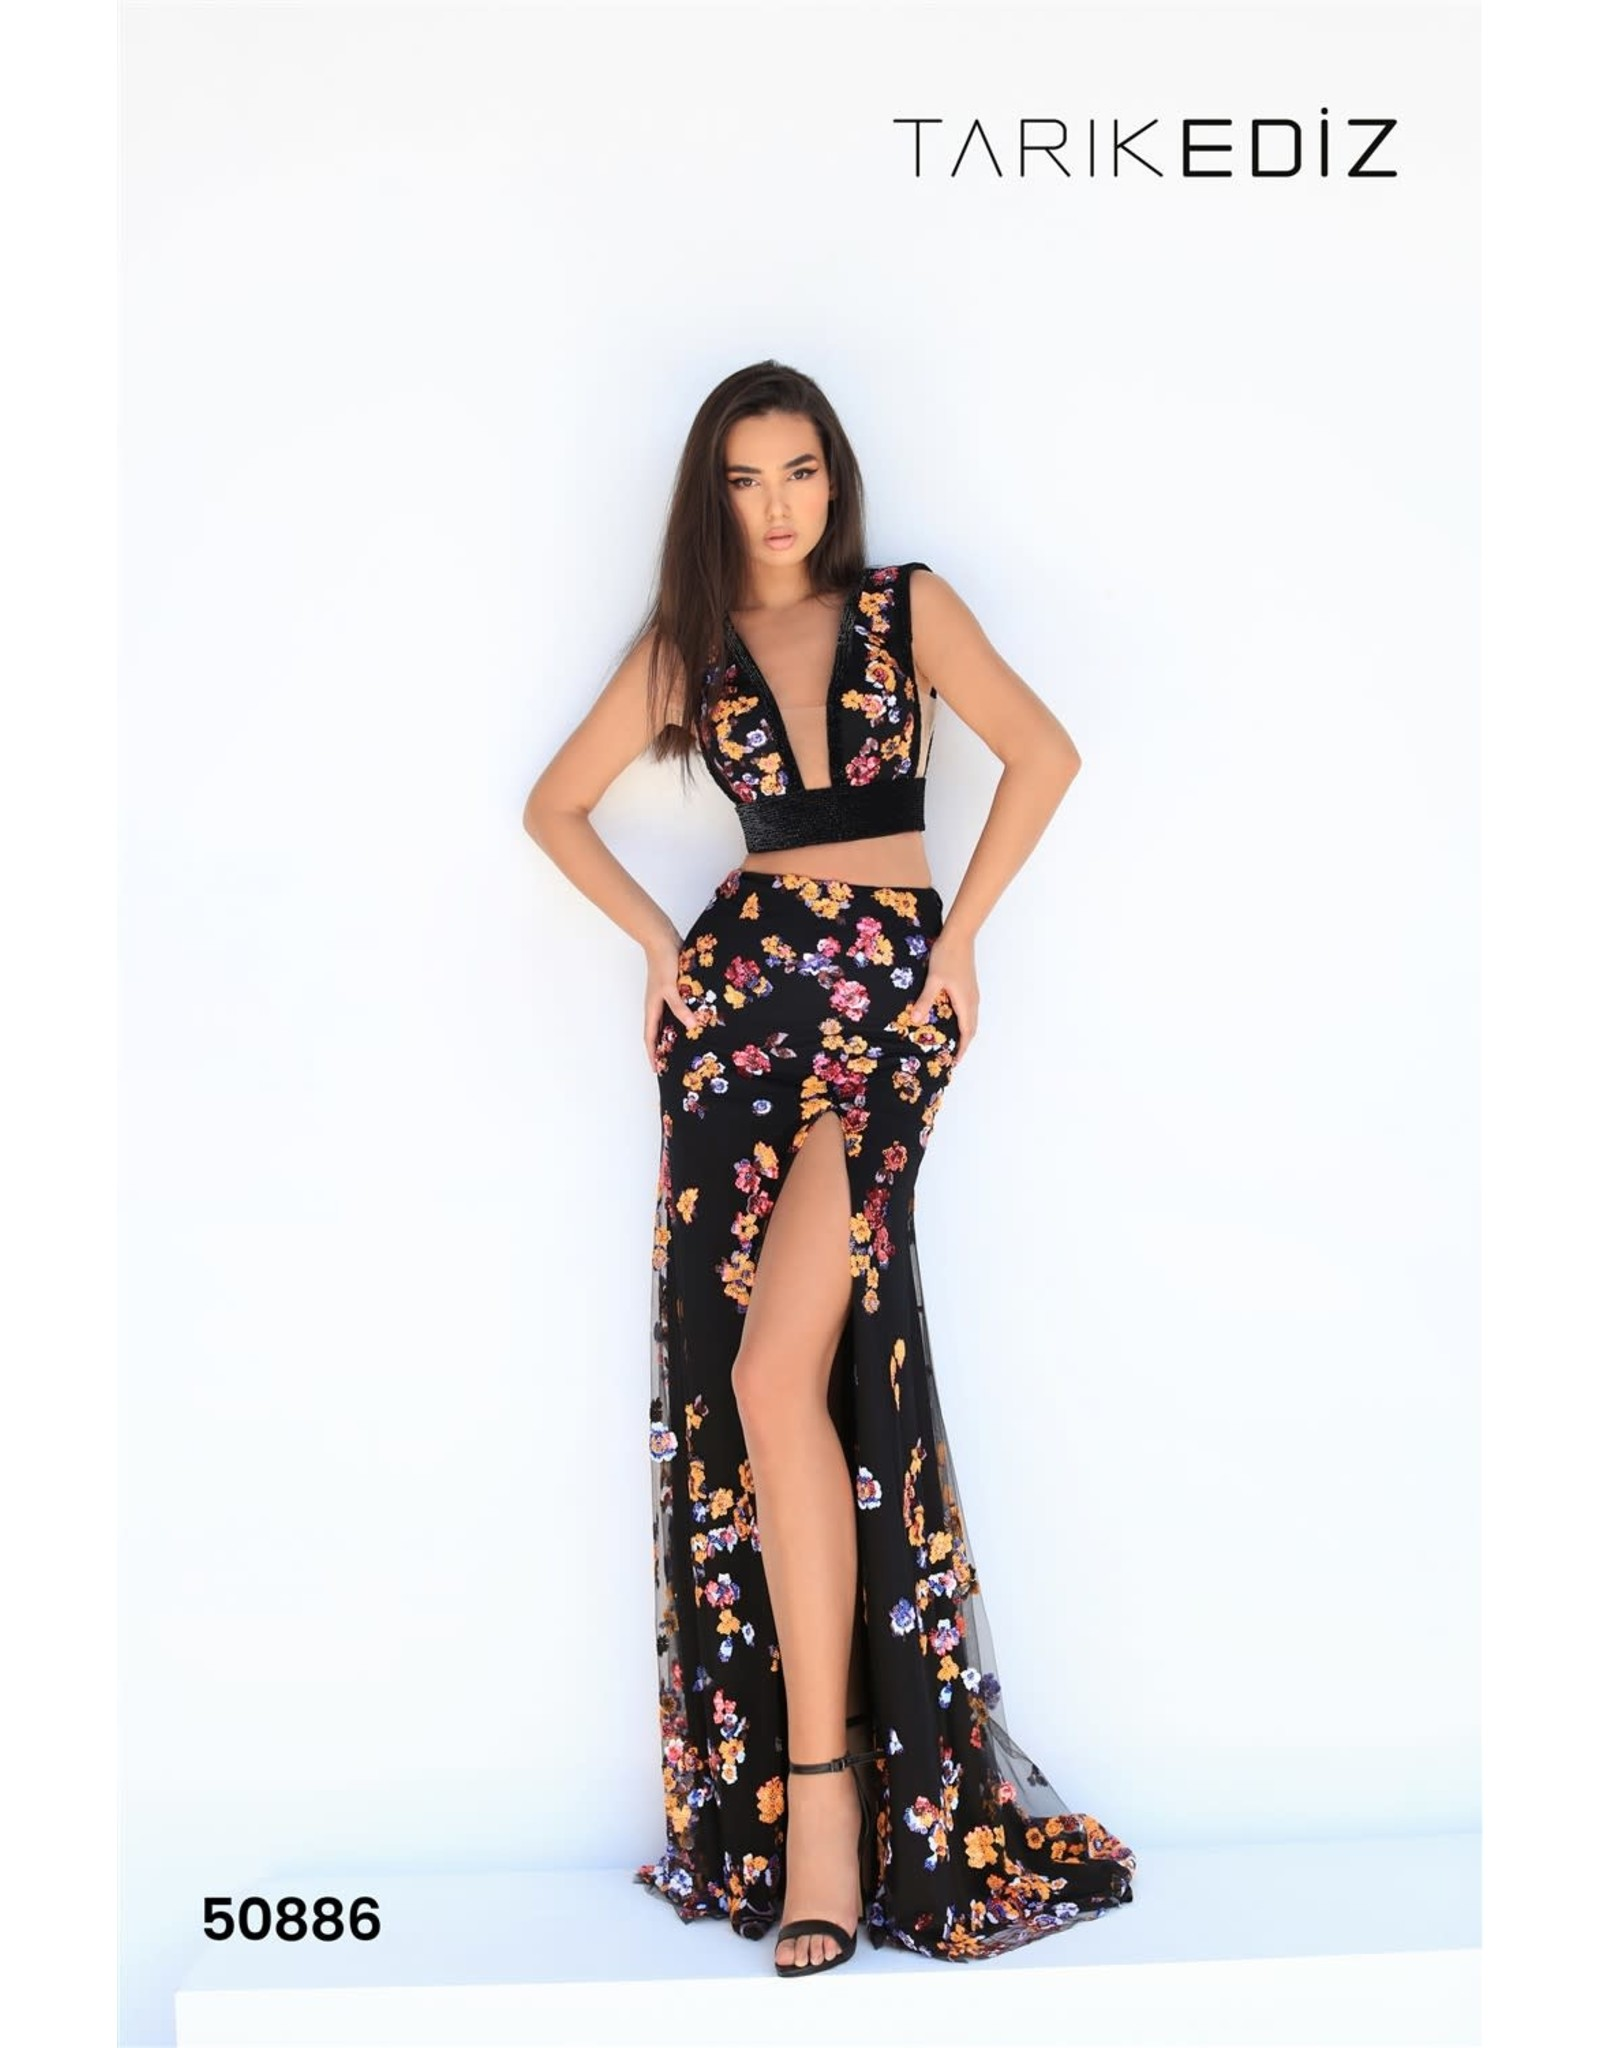 Tarik Ediz 50886 Tarik Ediz Dresses